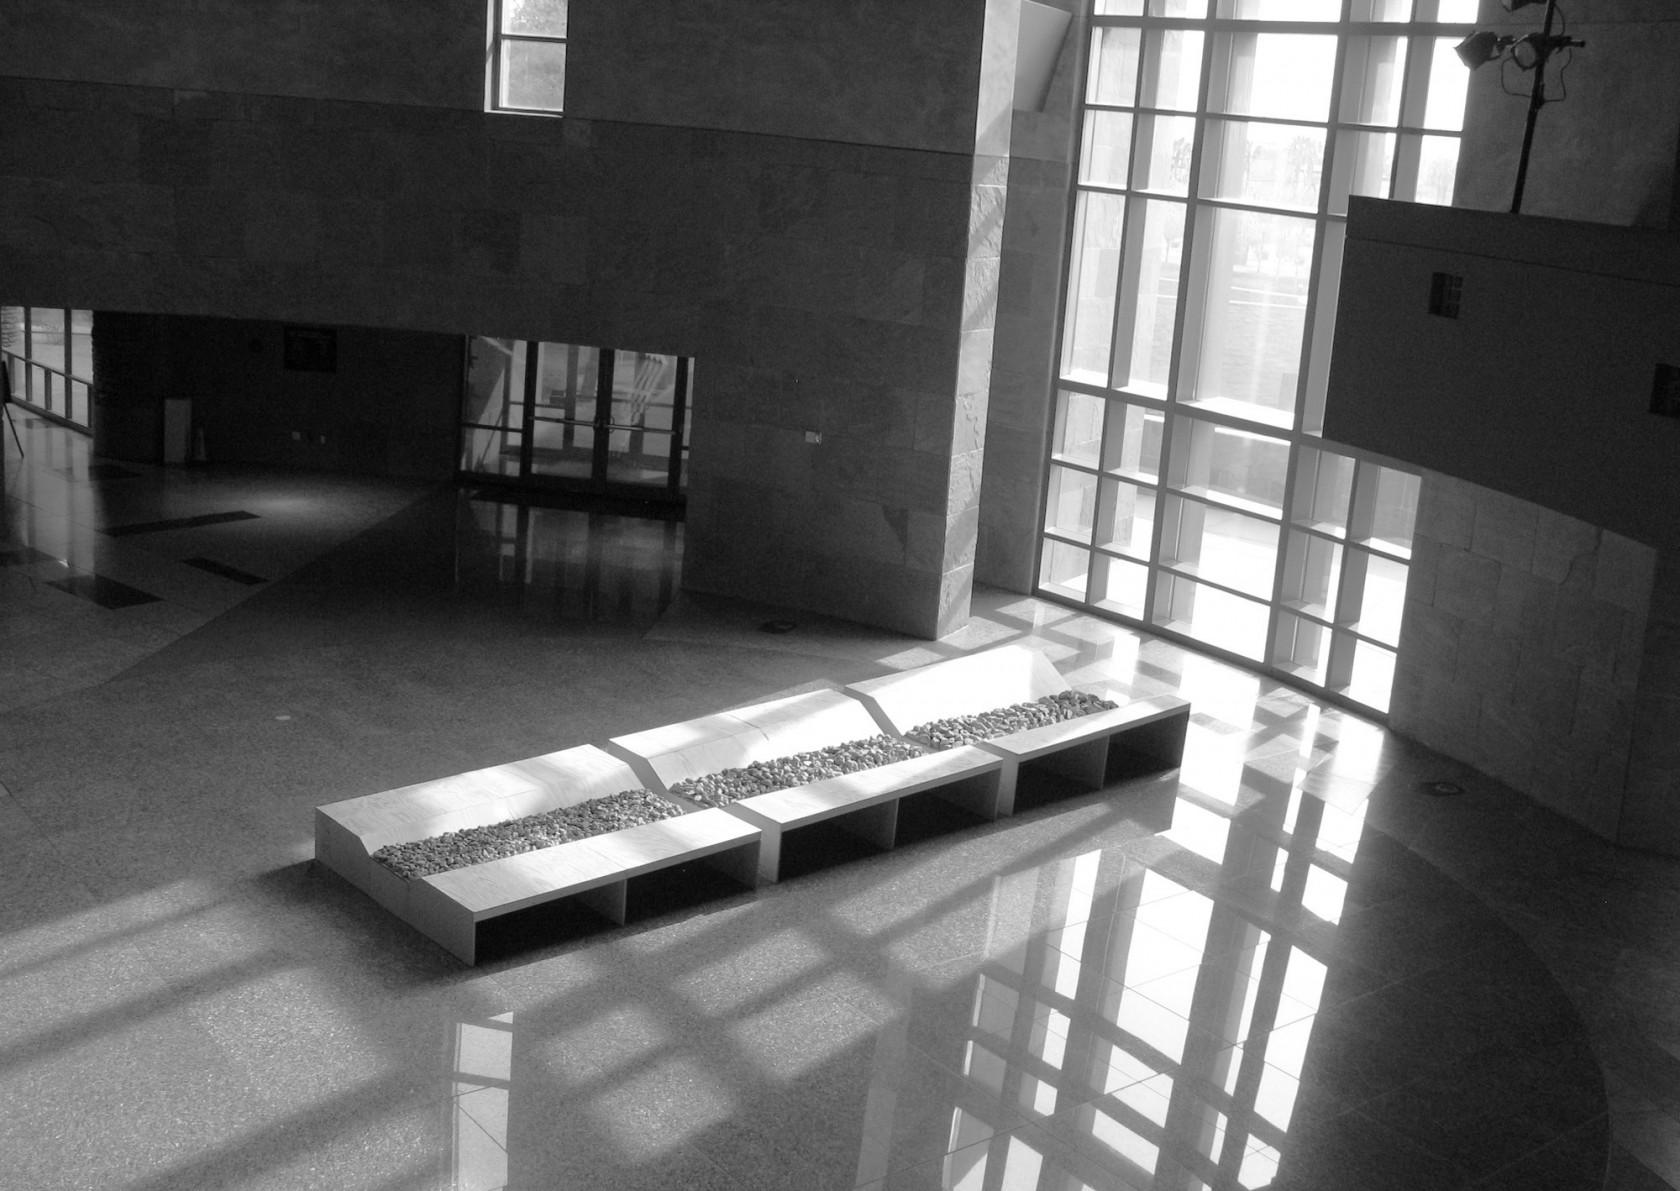 Daniel Habegger   Snake Valley disaster, installation view, Rotunda, Las Vegas 2010